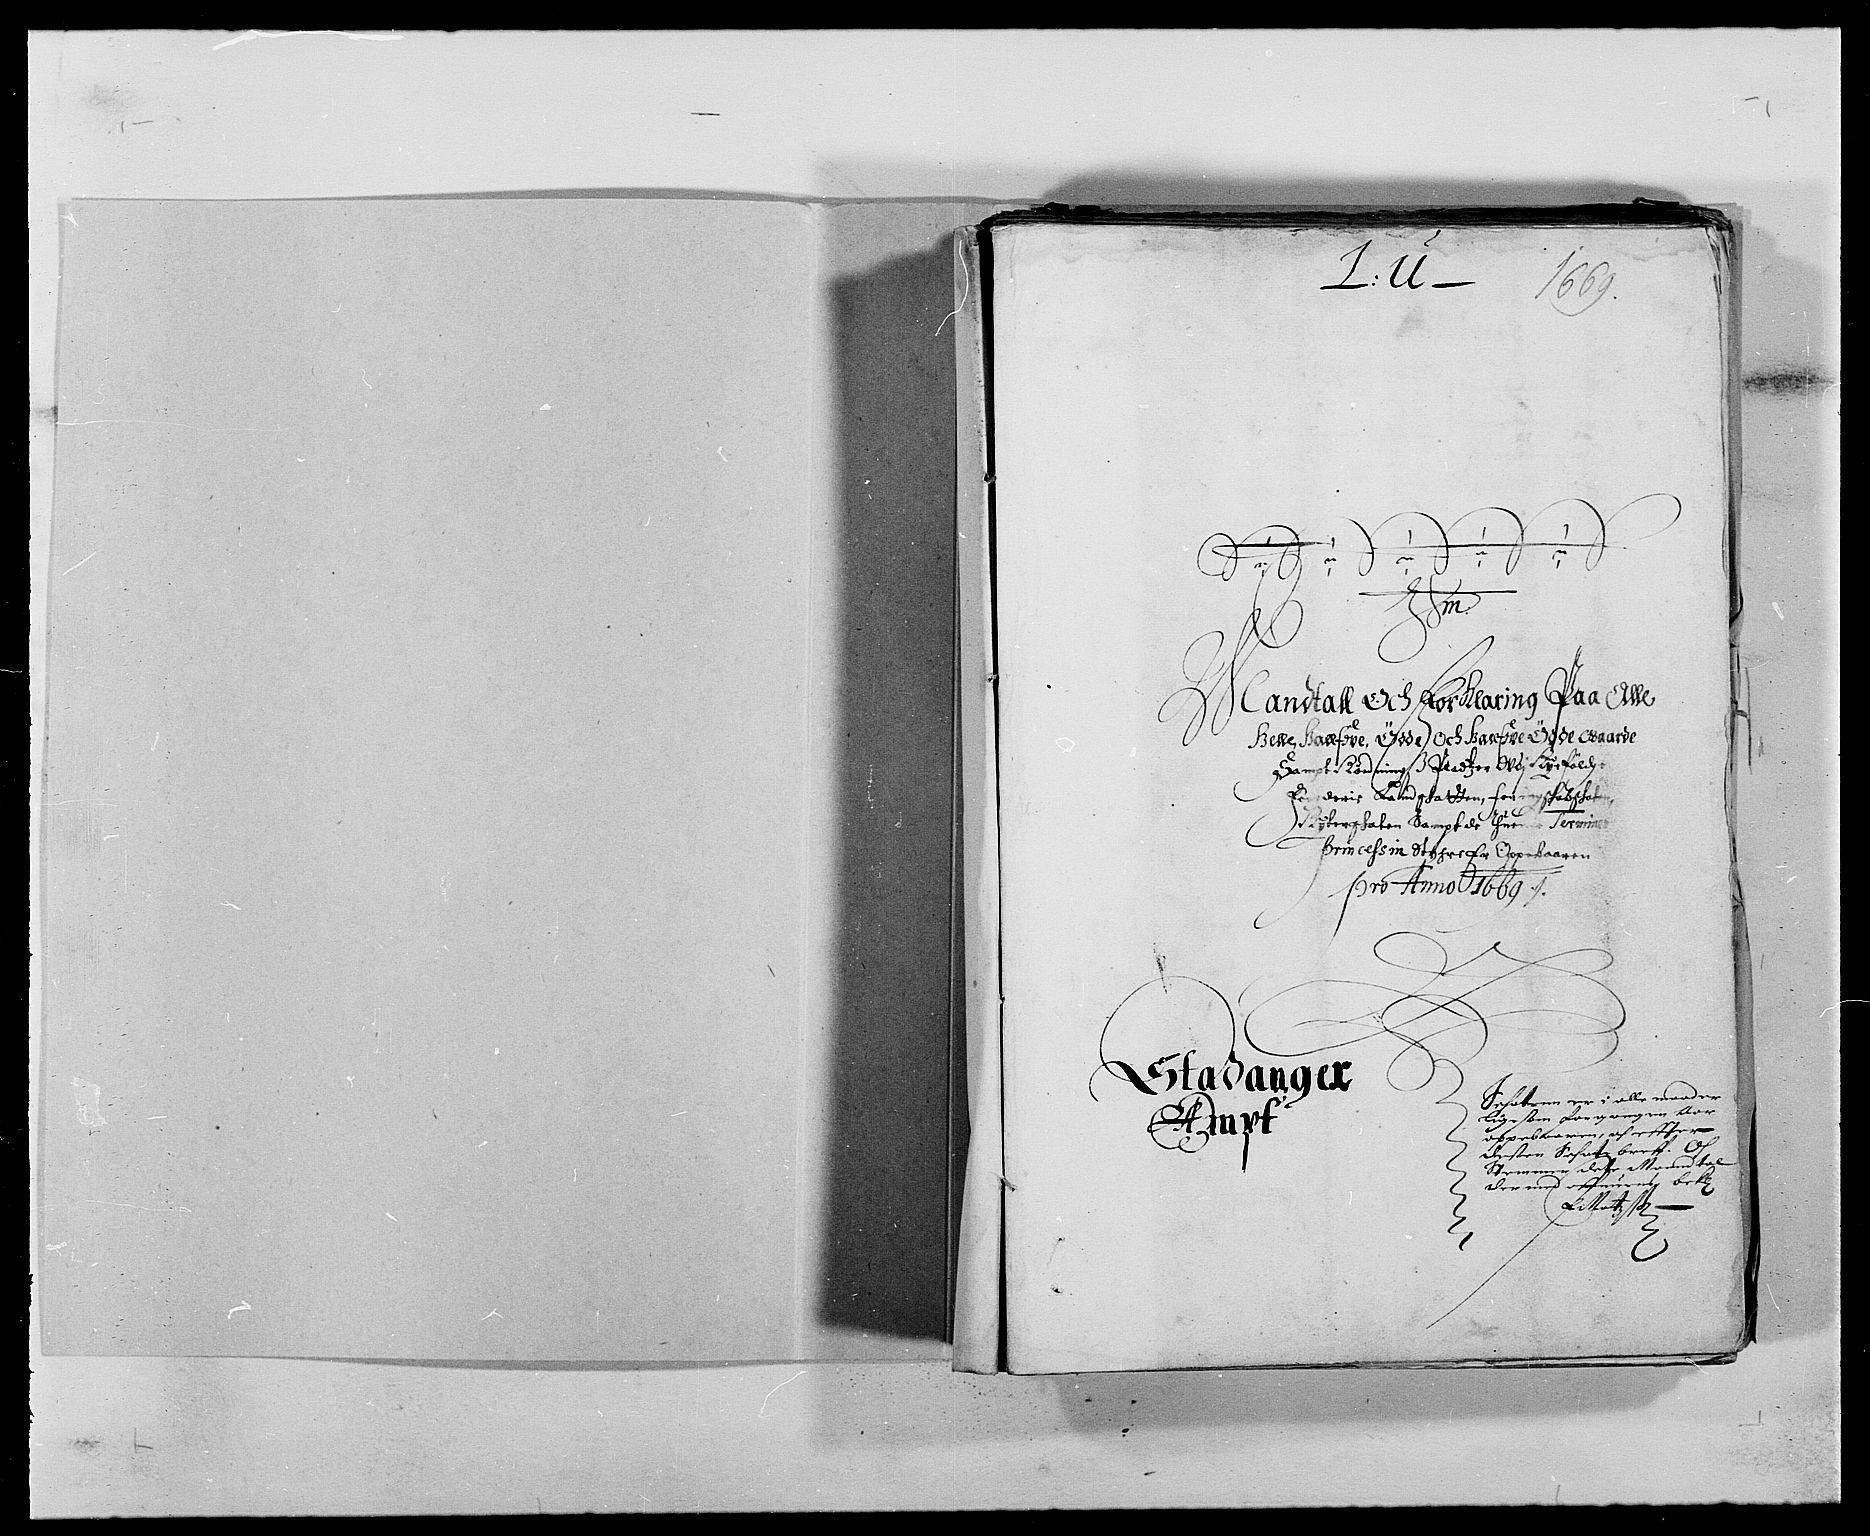 RA, Rentekammeret inntil 1814, Reviderte regnskaper, Fogderegnskap, R47/L2842: Fogderegnskap Ryfylke, 1665-1669, s. 3